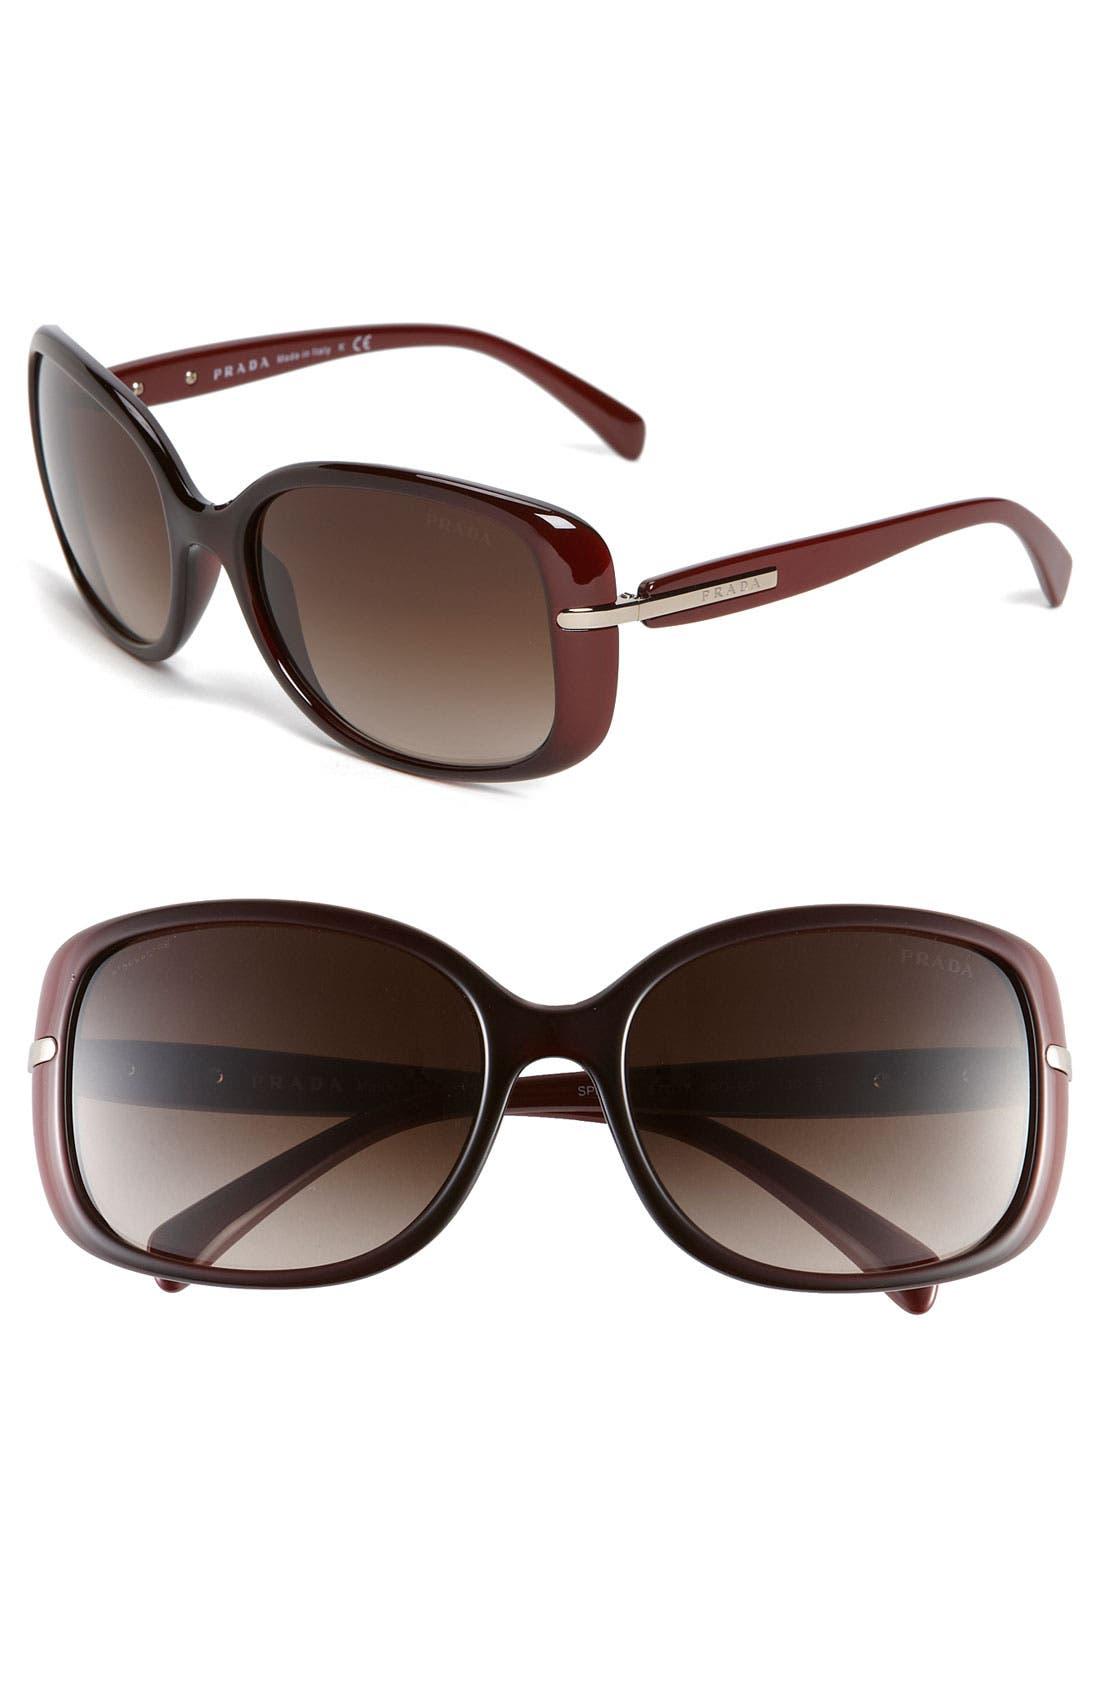 Alternate Image 1 Selected - Prada 57mm Rectangular Sunglasses